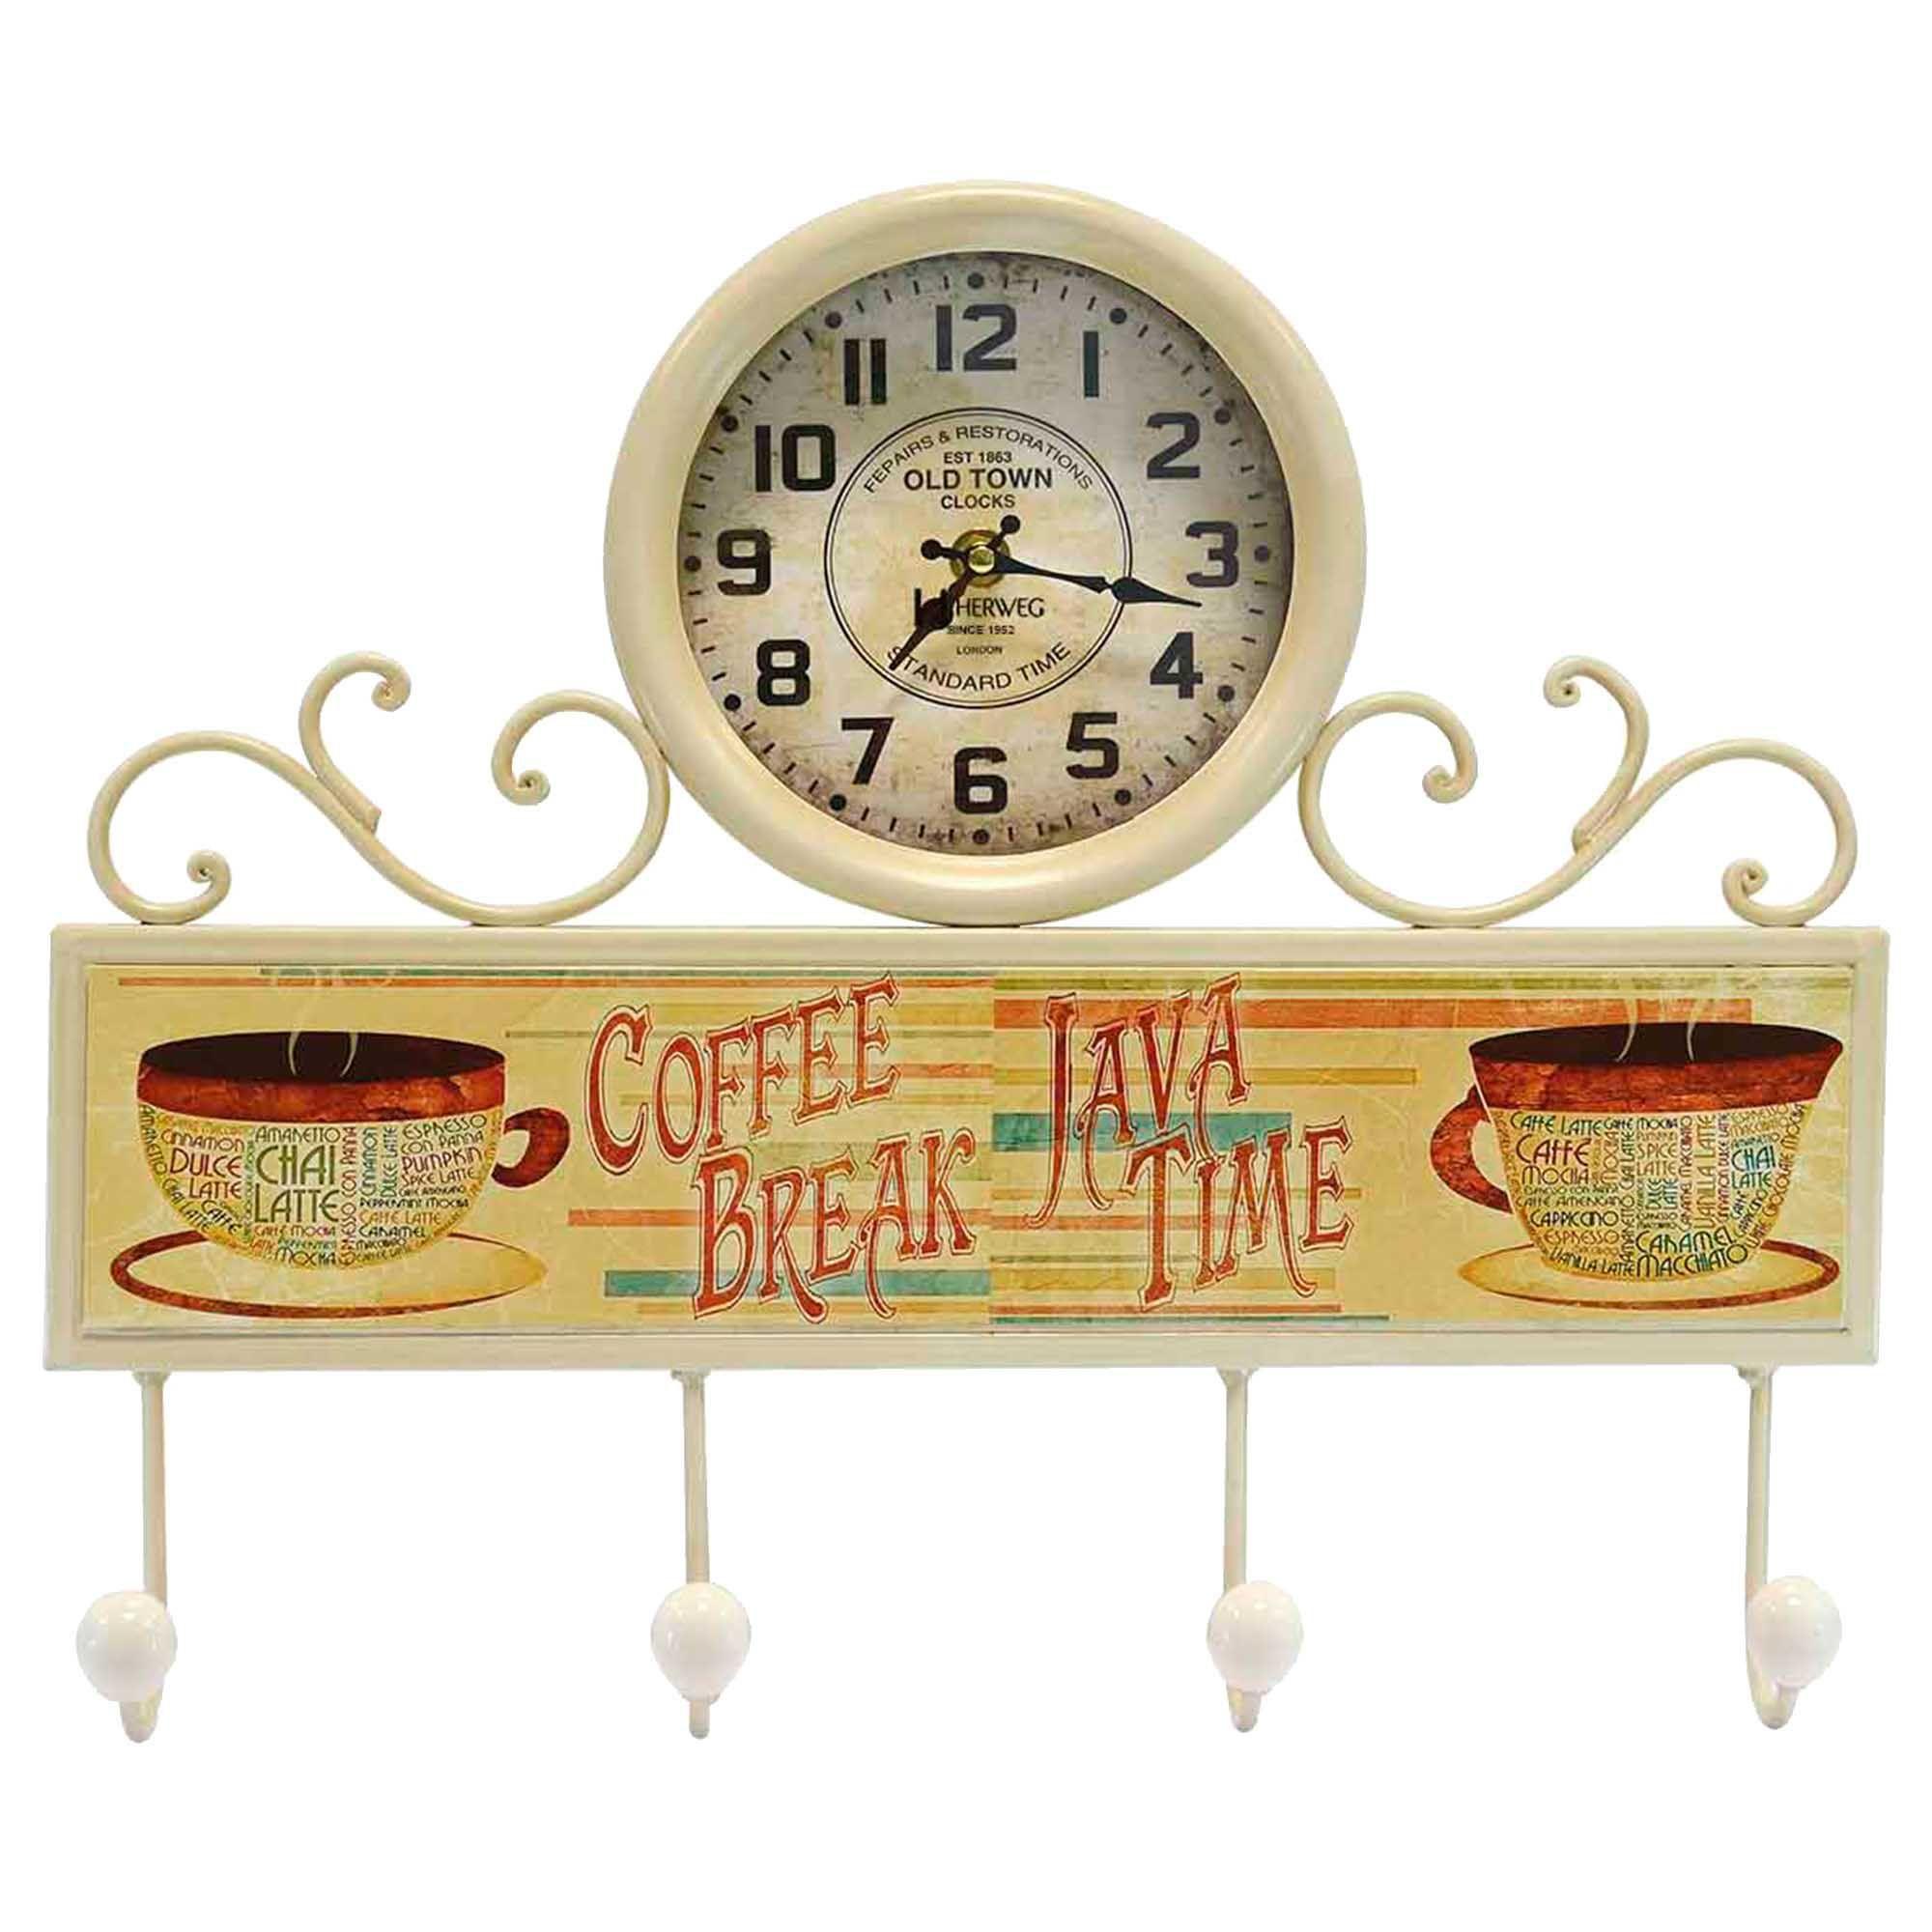 Relógio de Parede Jardim/Chaves Herweg 6424 032 Marfim